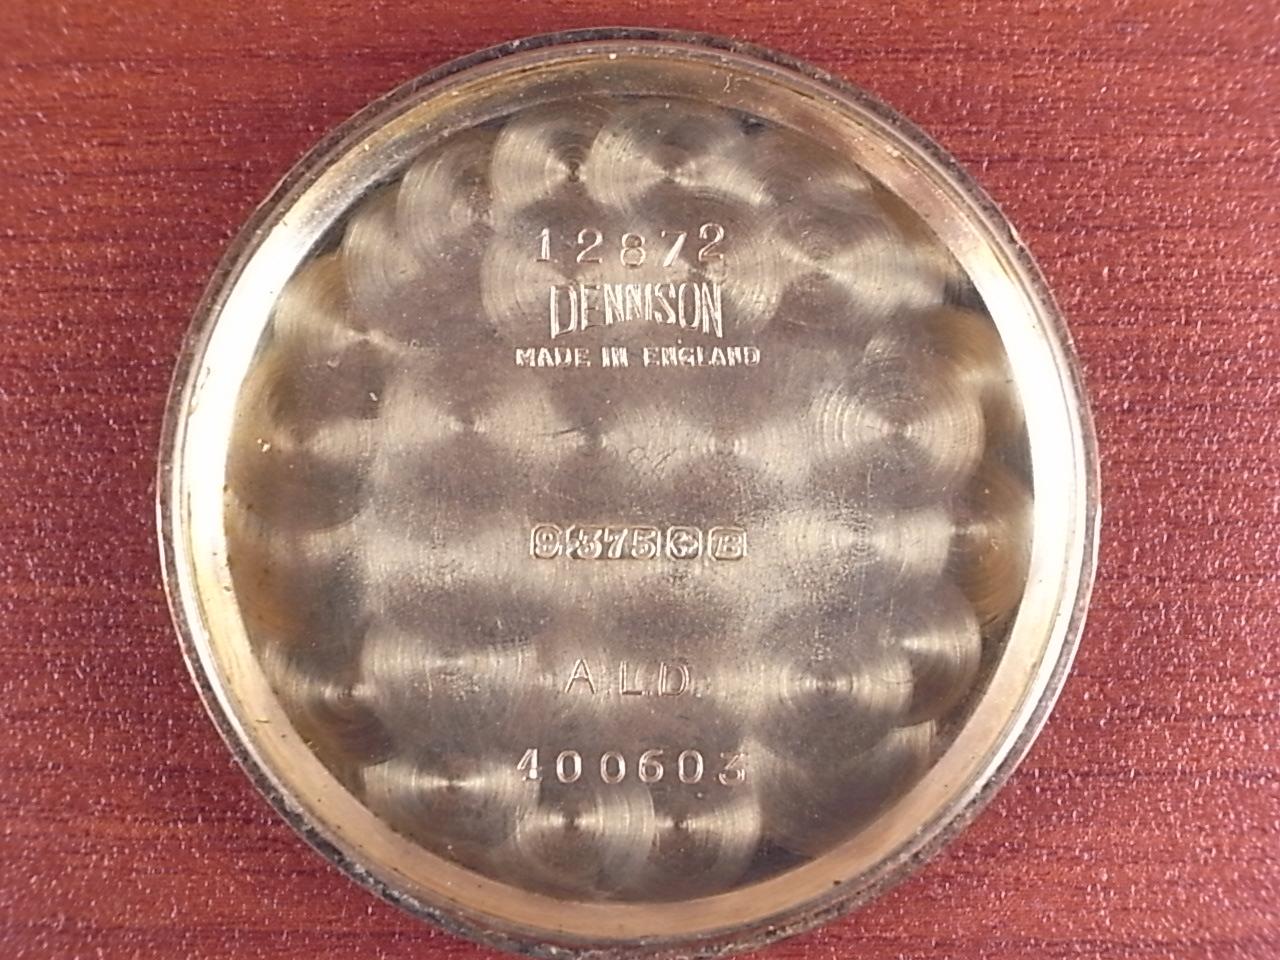 ジャガールクルト ローマンセクターダイアル 9KYG デニソンケース 1950年代の写真6枚目